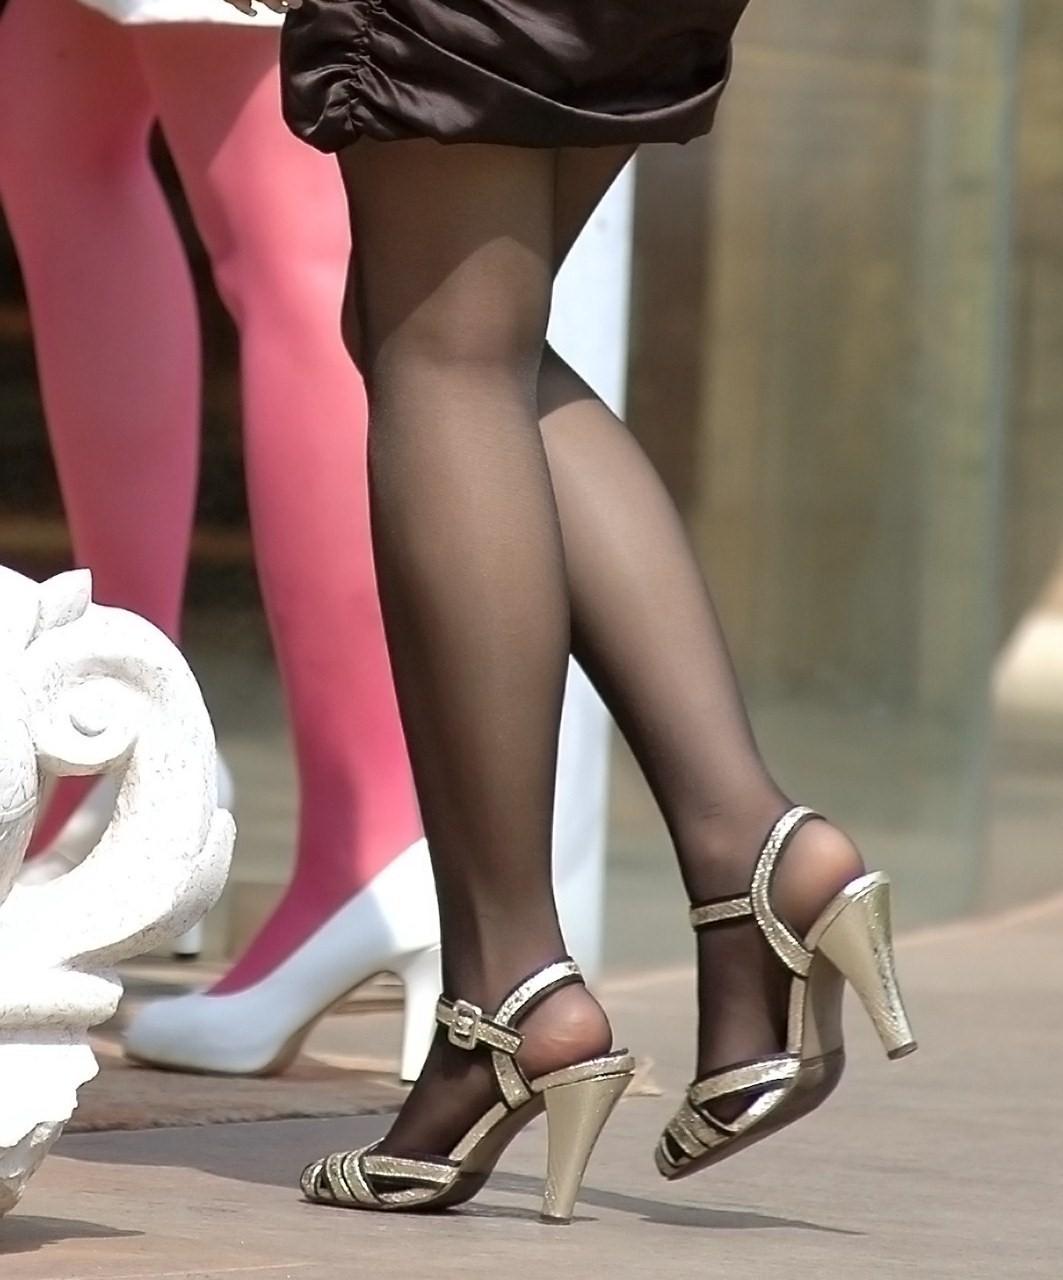 黒パンスト履いてる素人女性のムチムチ美脚!